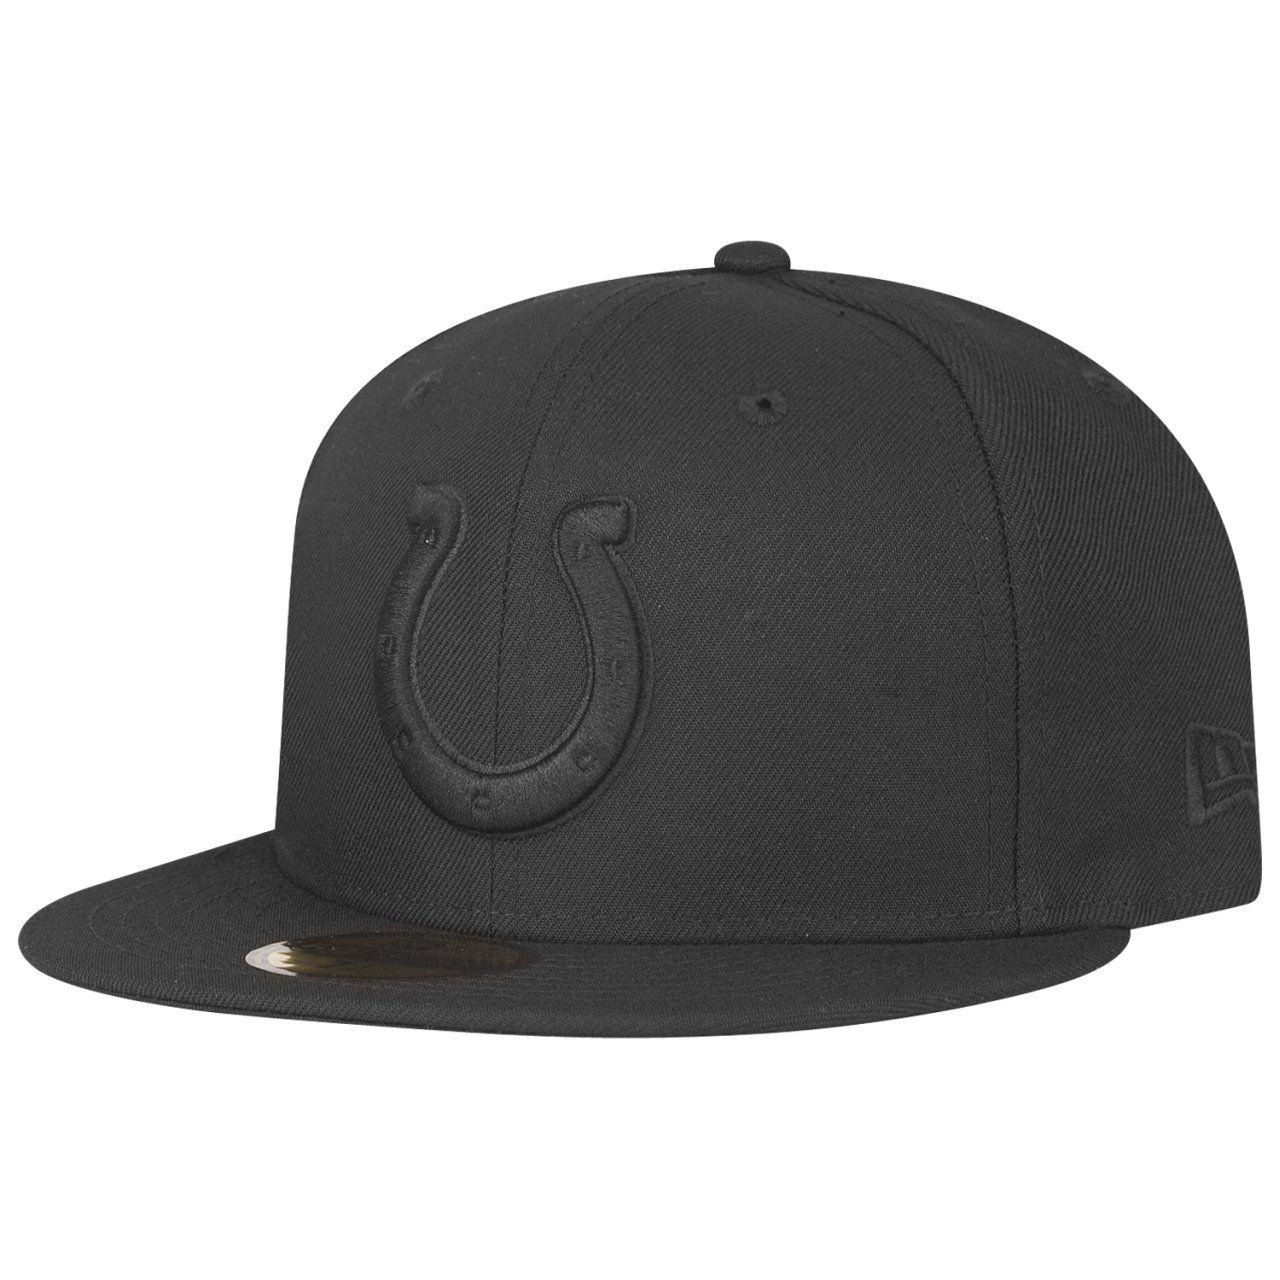 amfoo - New Era 59Fifty Cap - NFL BLACK Indianapolis Colts